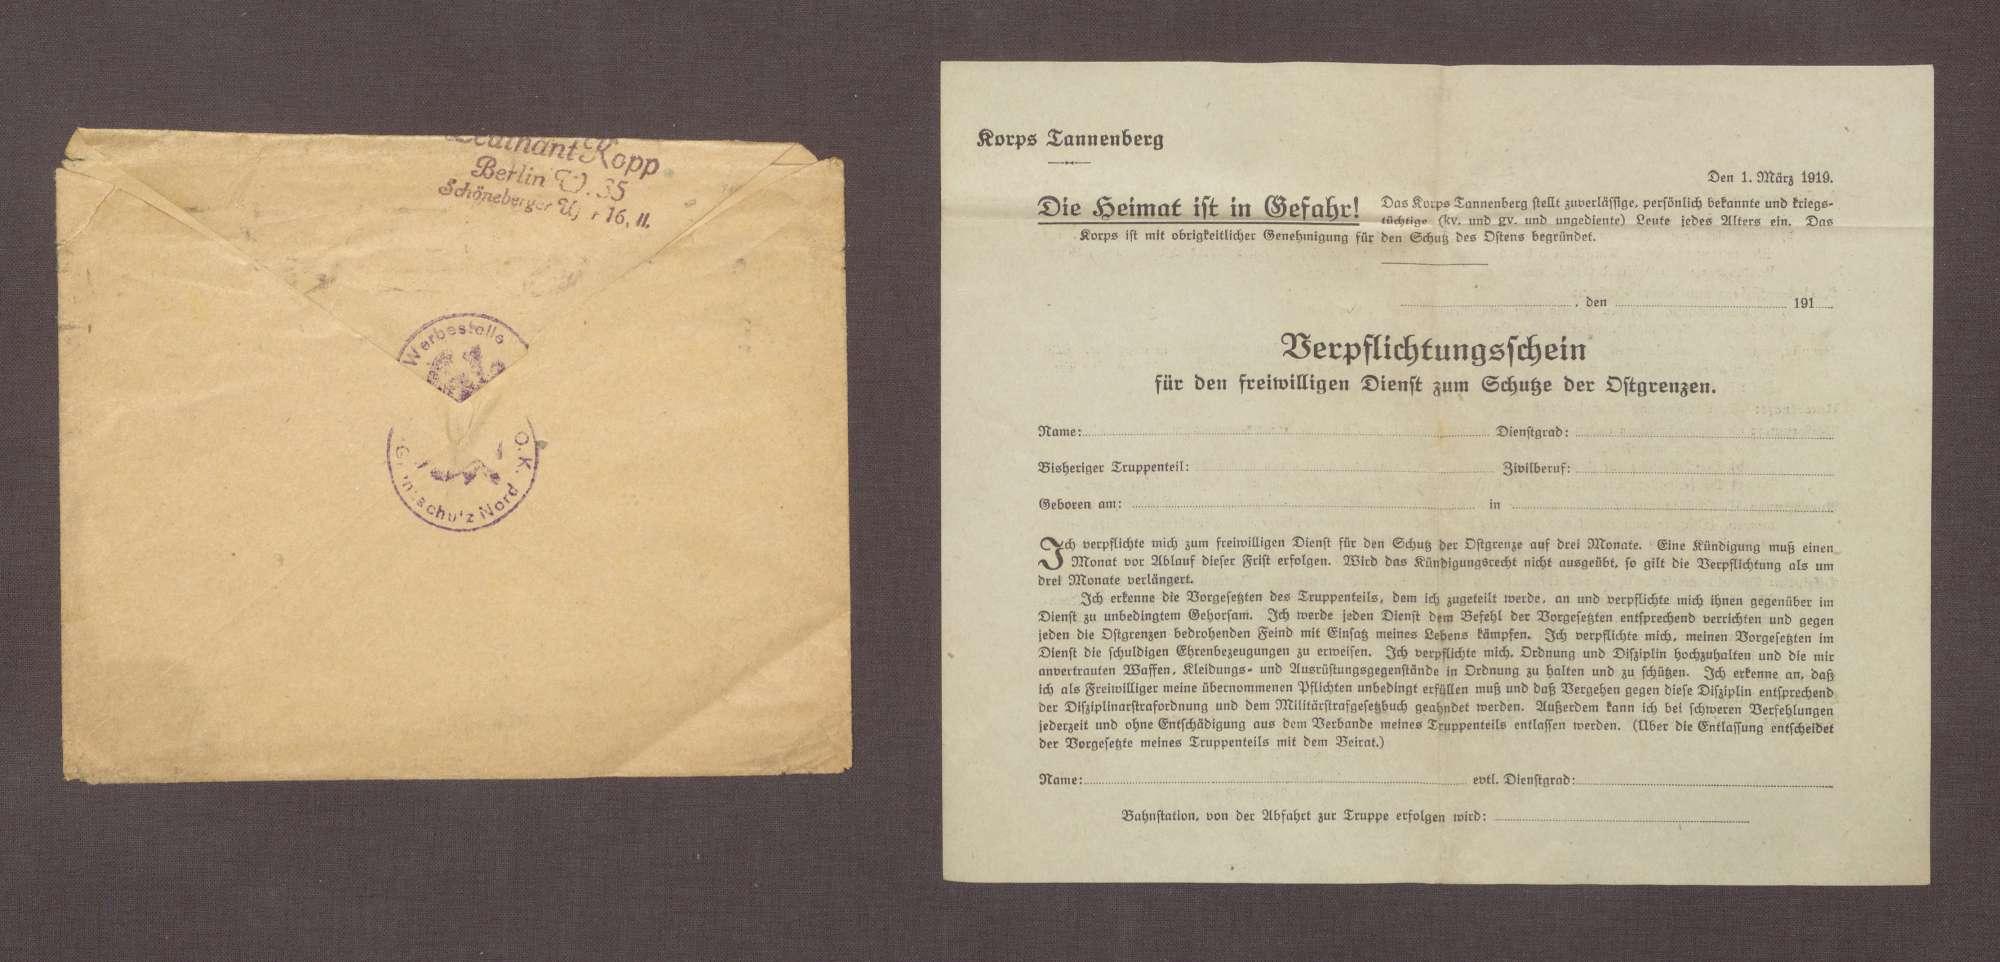 Leutnant Kopp, Berlin, Werbestelle O. K. Grenzschutz Nord, an Adolf Geck: Verpflichtungsschein für den Freiwilligen-Dienst zum Schutz der Ostgrenzen, 05.04.1919, Bild 3